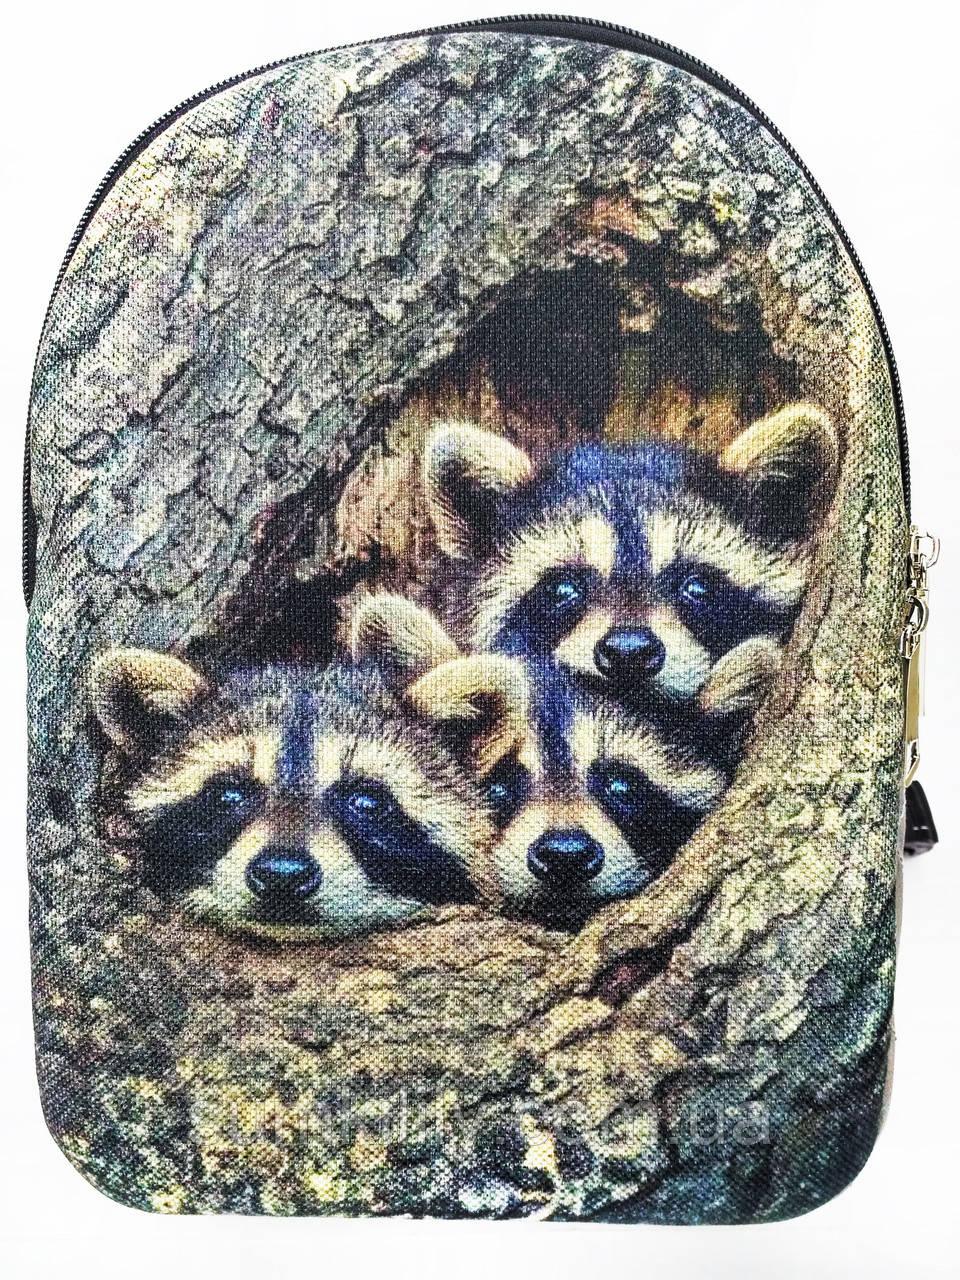 Текстильный рюкзак Енотики 2